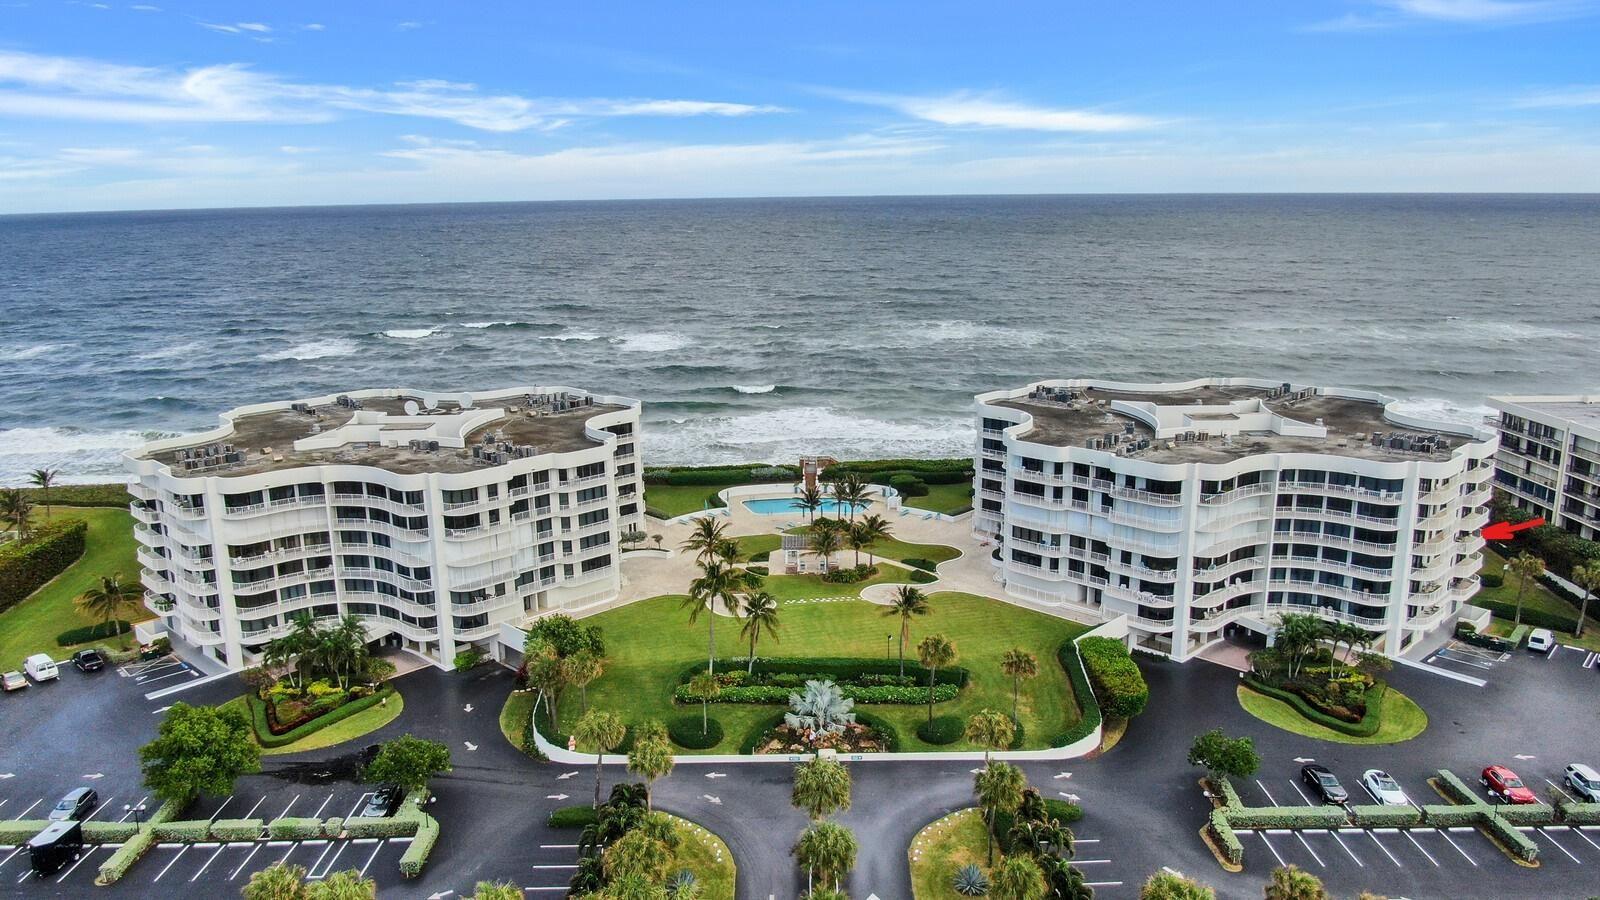 3360 S Ocean Boulevard #3 G Ii, Palm Beach, FL 33480 - #: RX-10673805